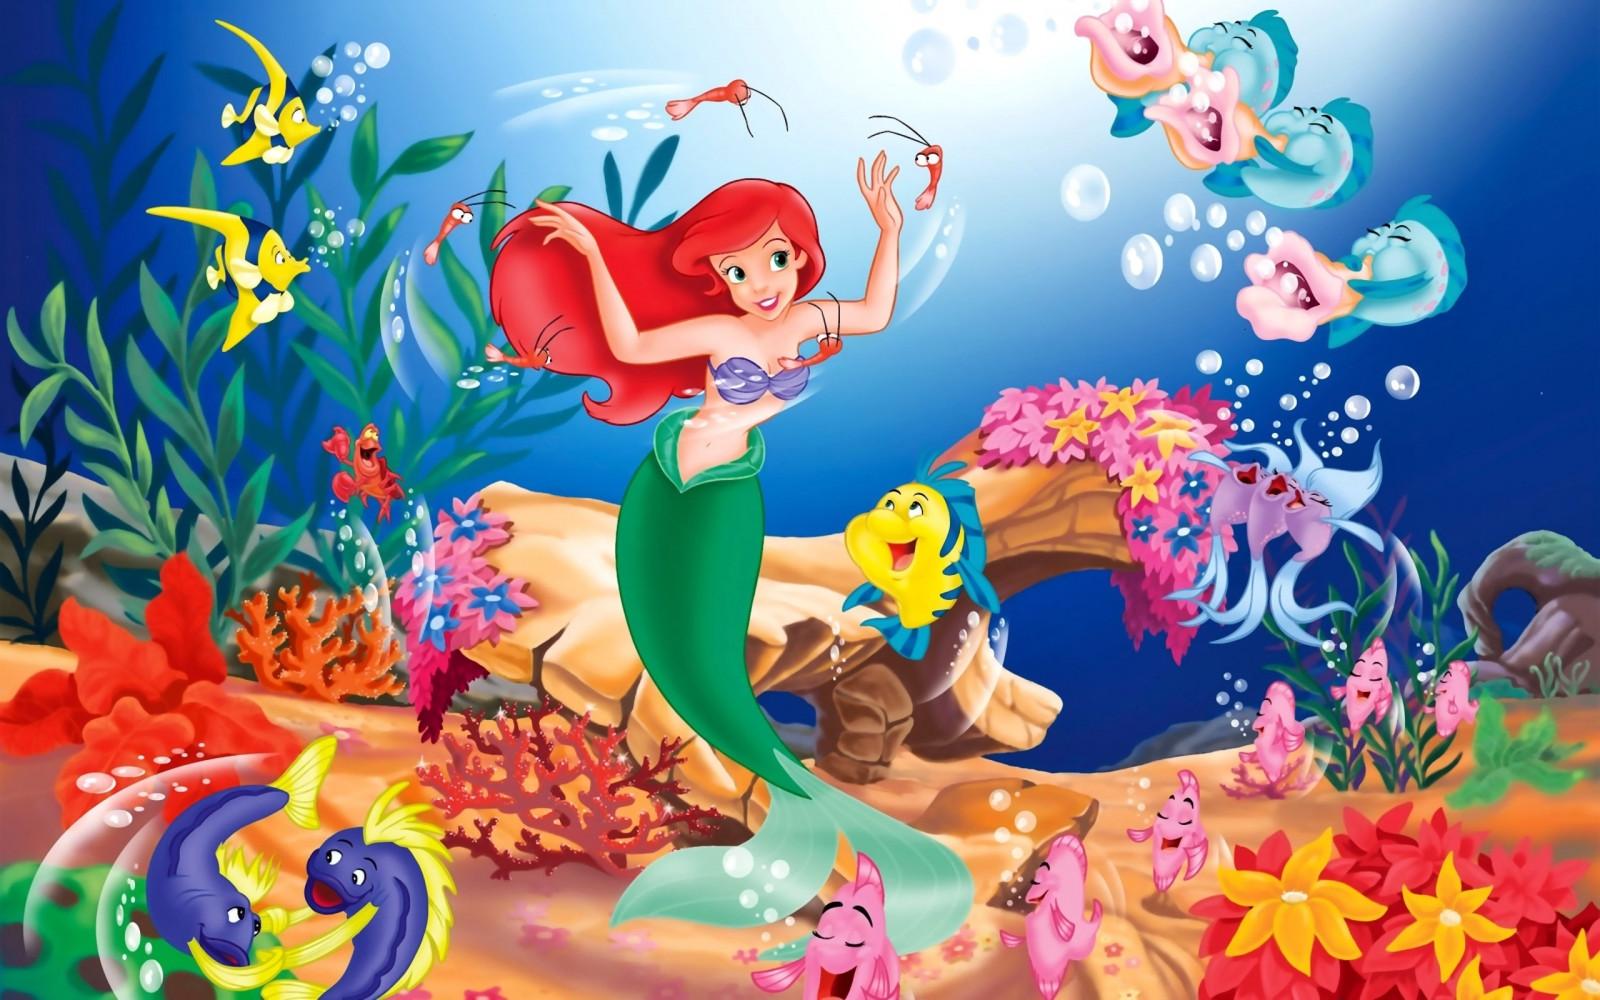 Giochi gratis di sirene che nuotano